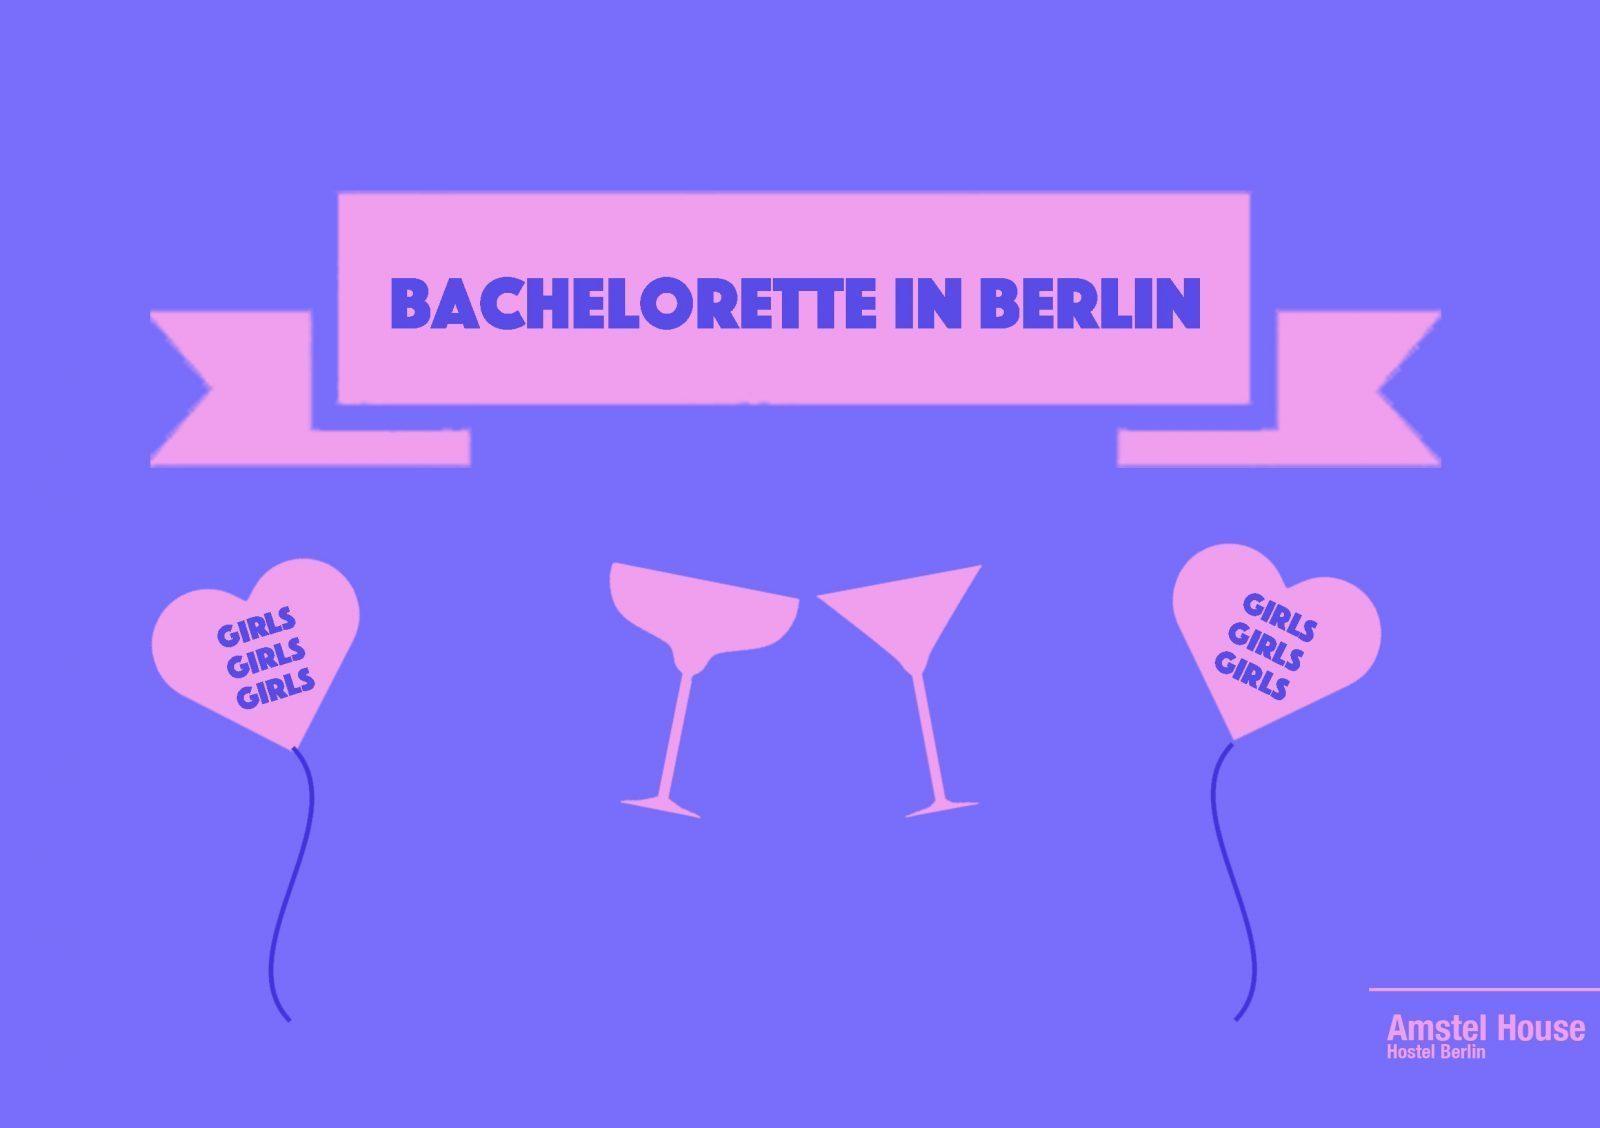 bachelorette in berlin